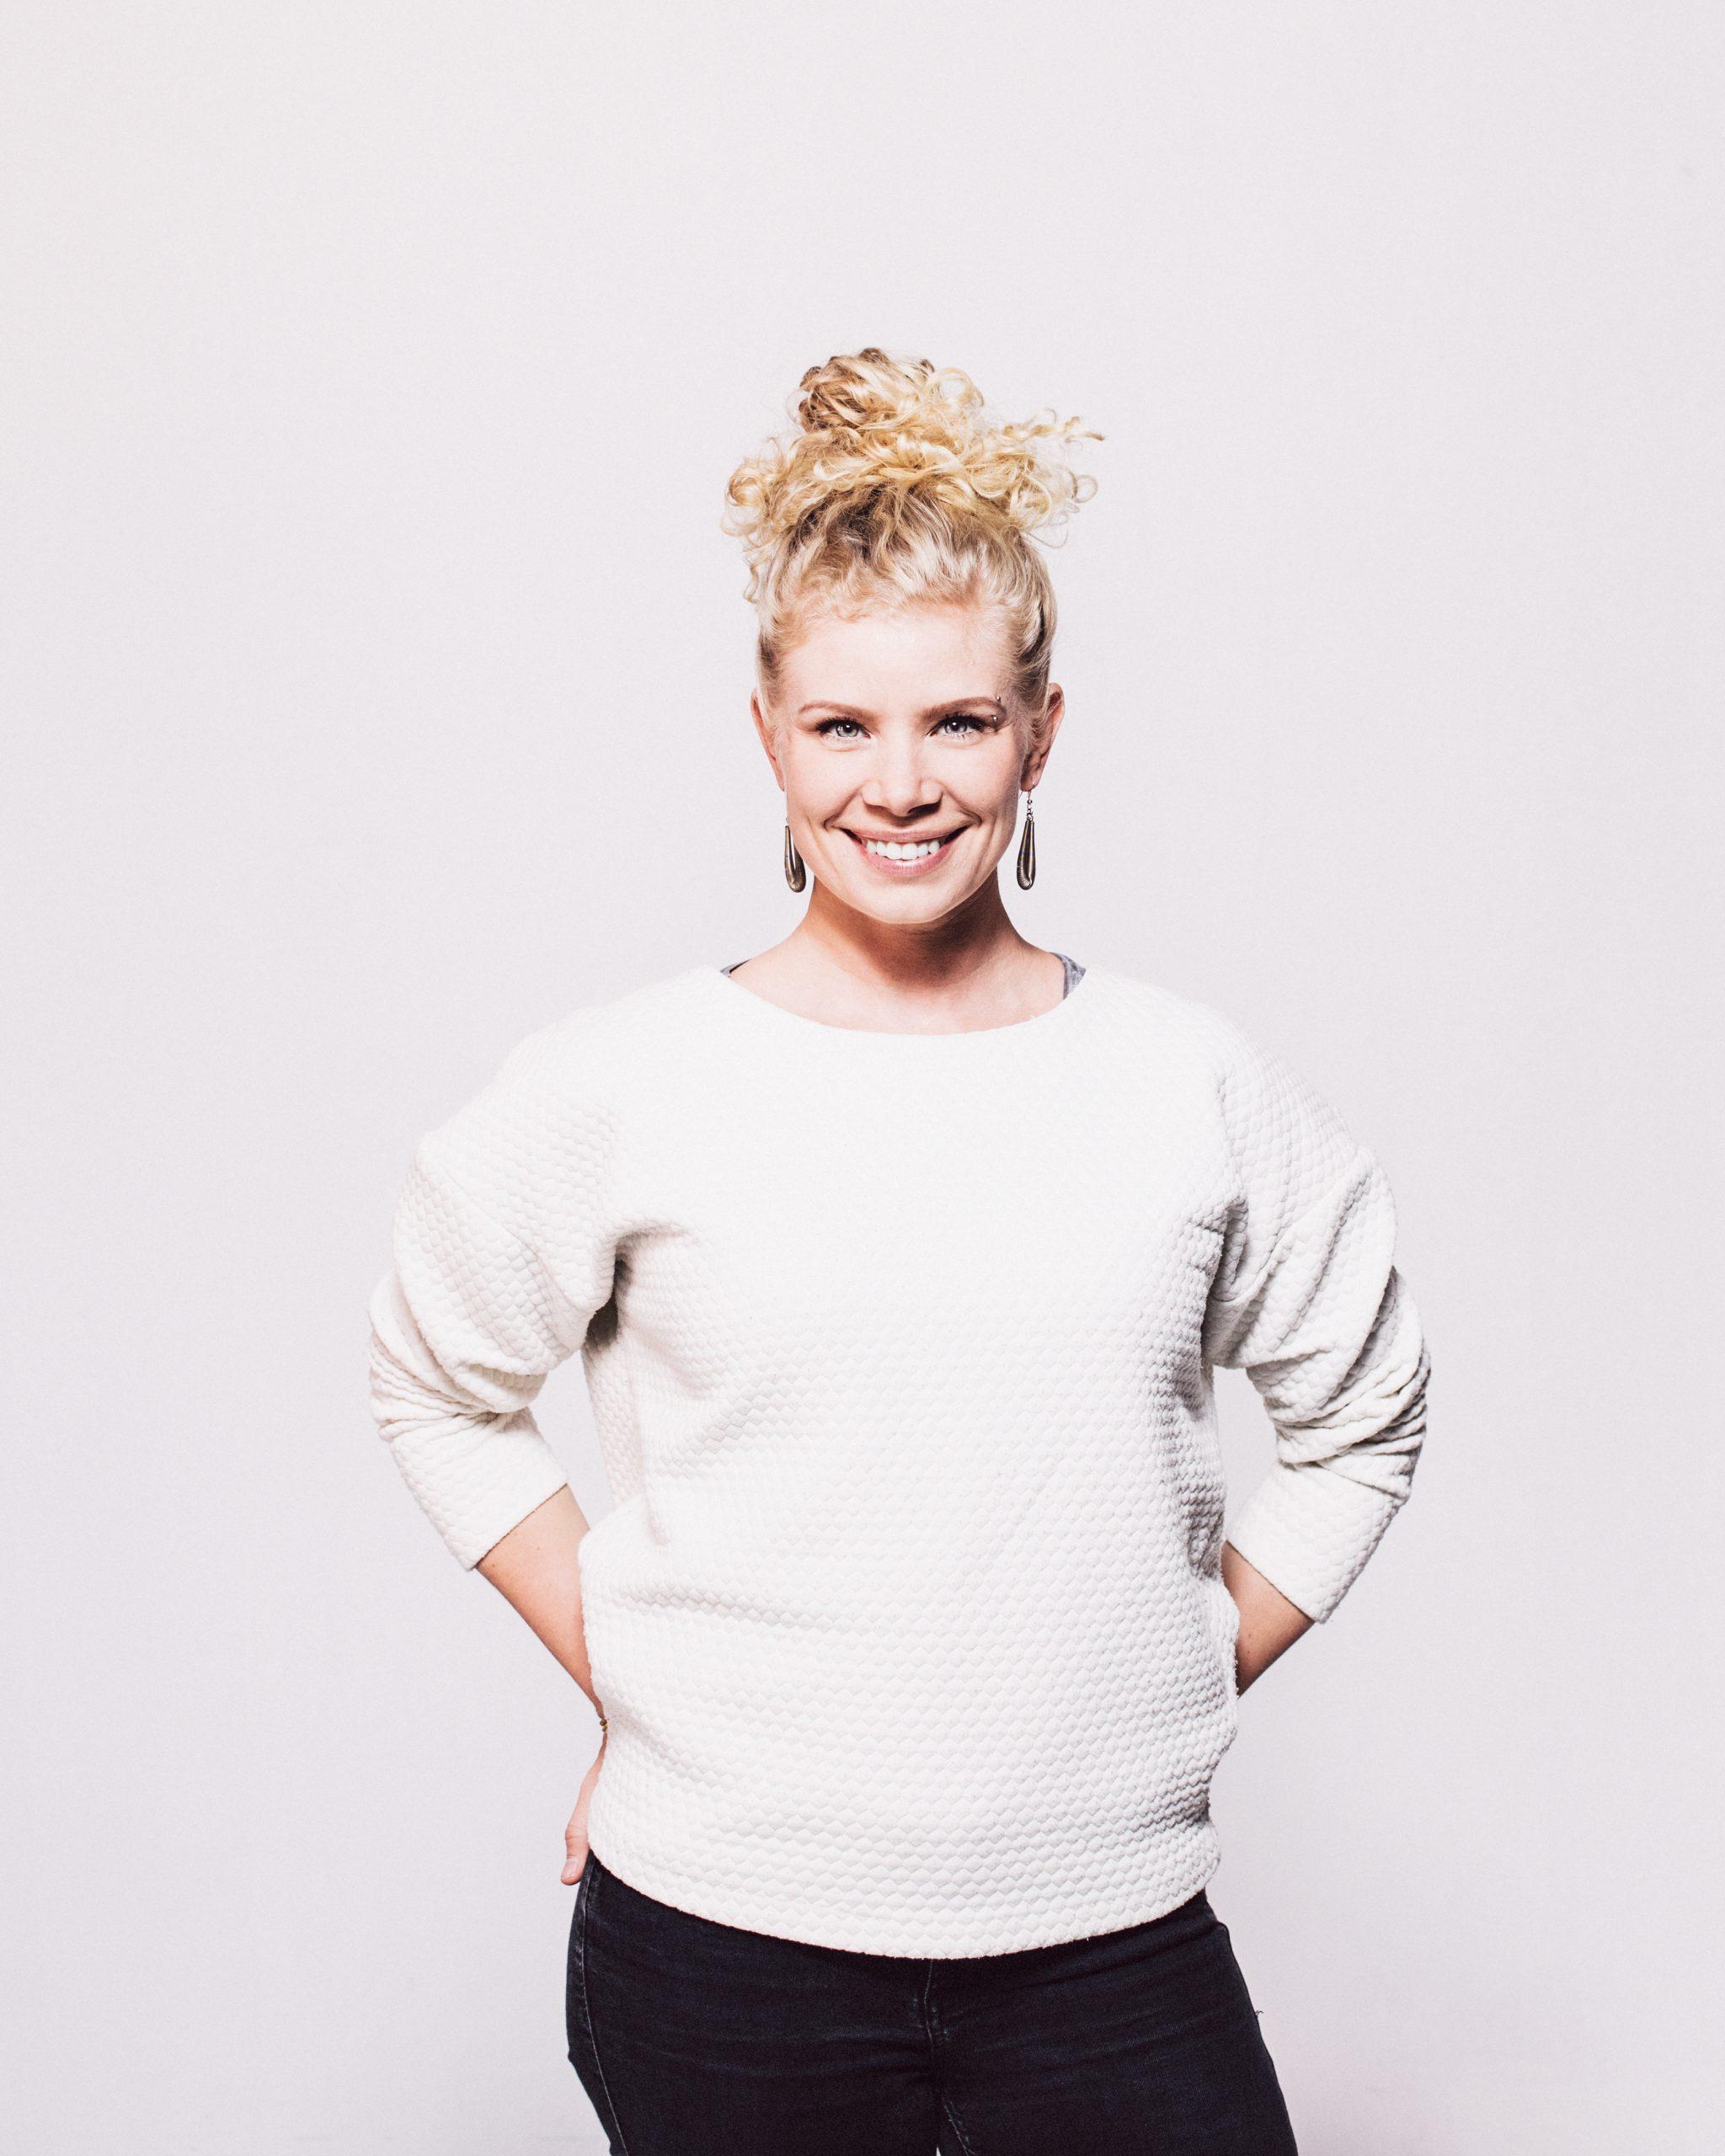 Ilona Kuusela